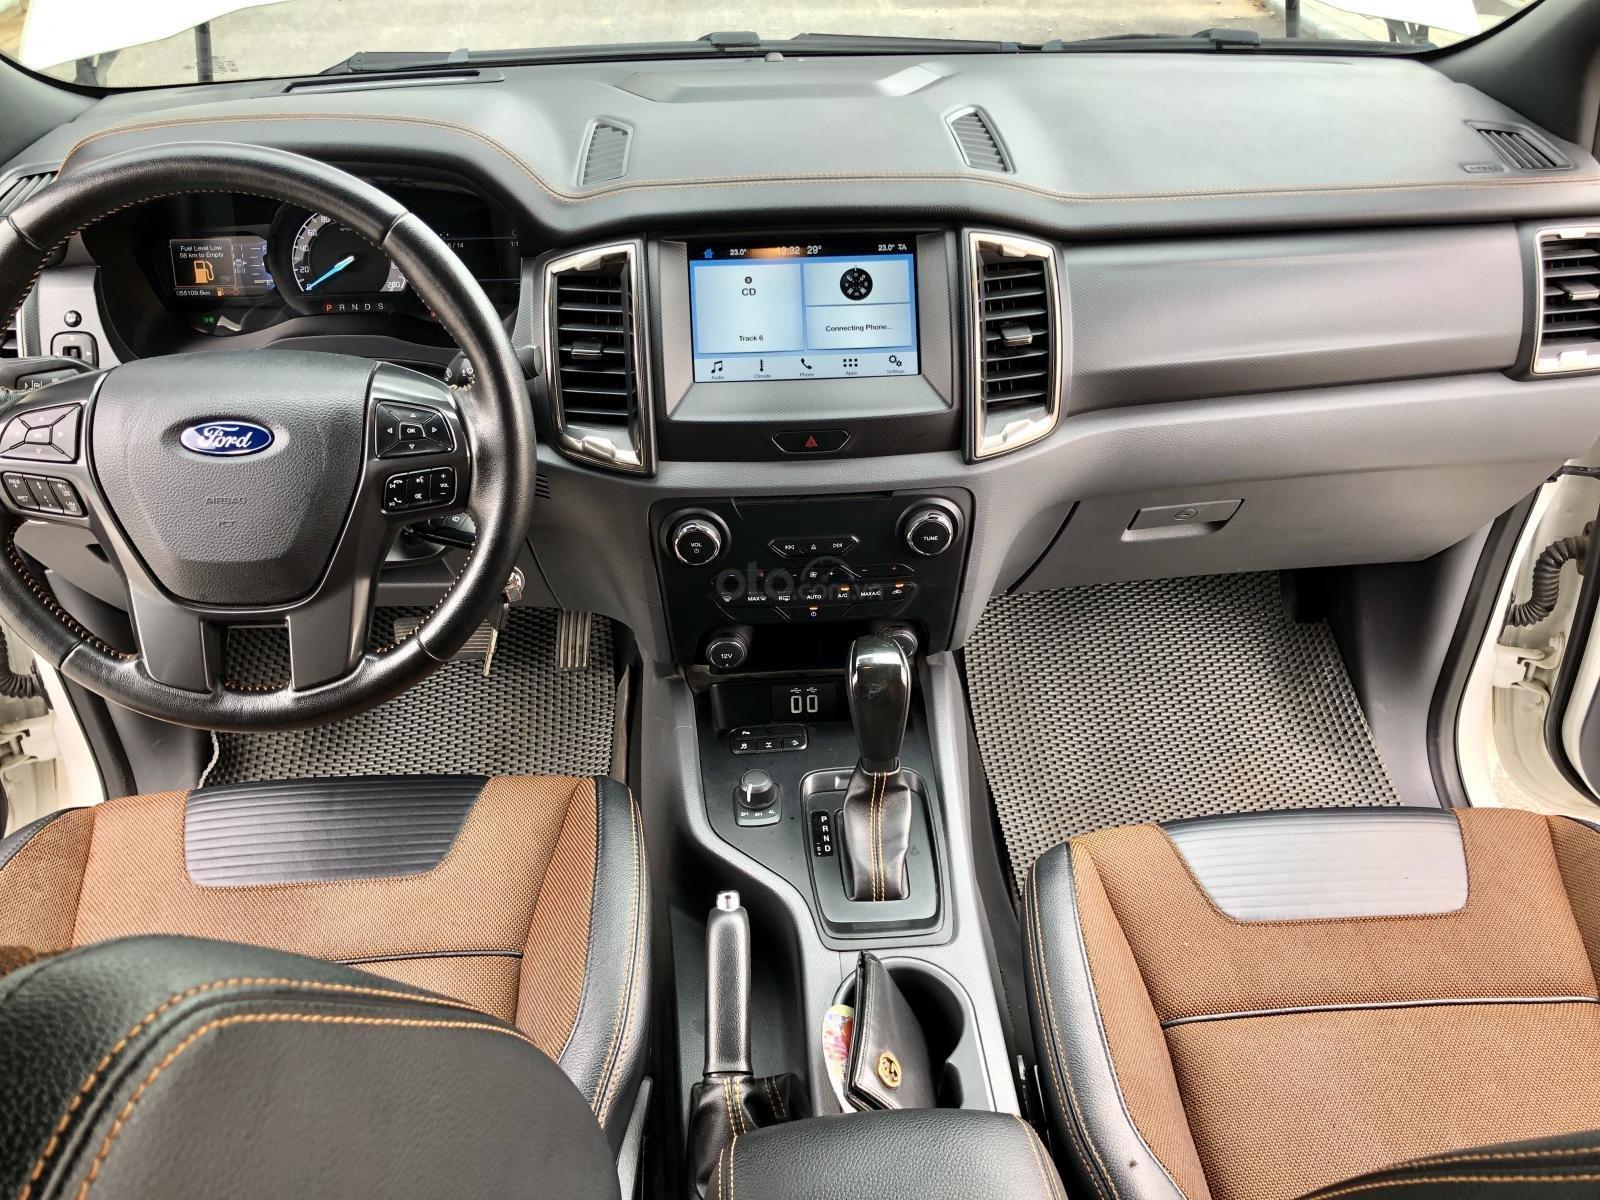 Bán  xe Ford Ranger Wildtrak 3.2 Sync 3 tên tư nhân, biển Hà Nội (10)